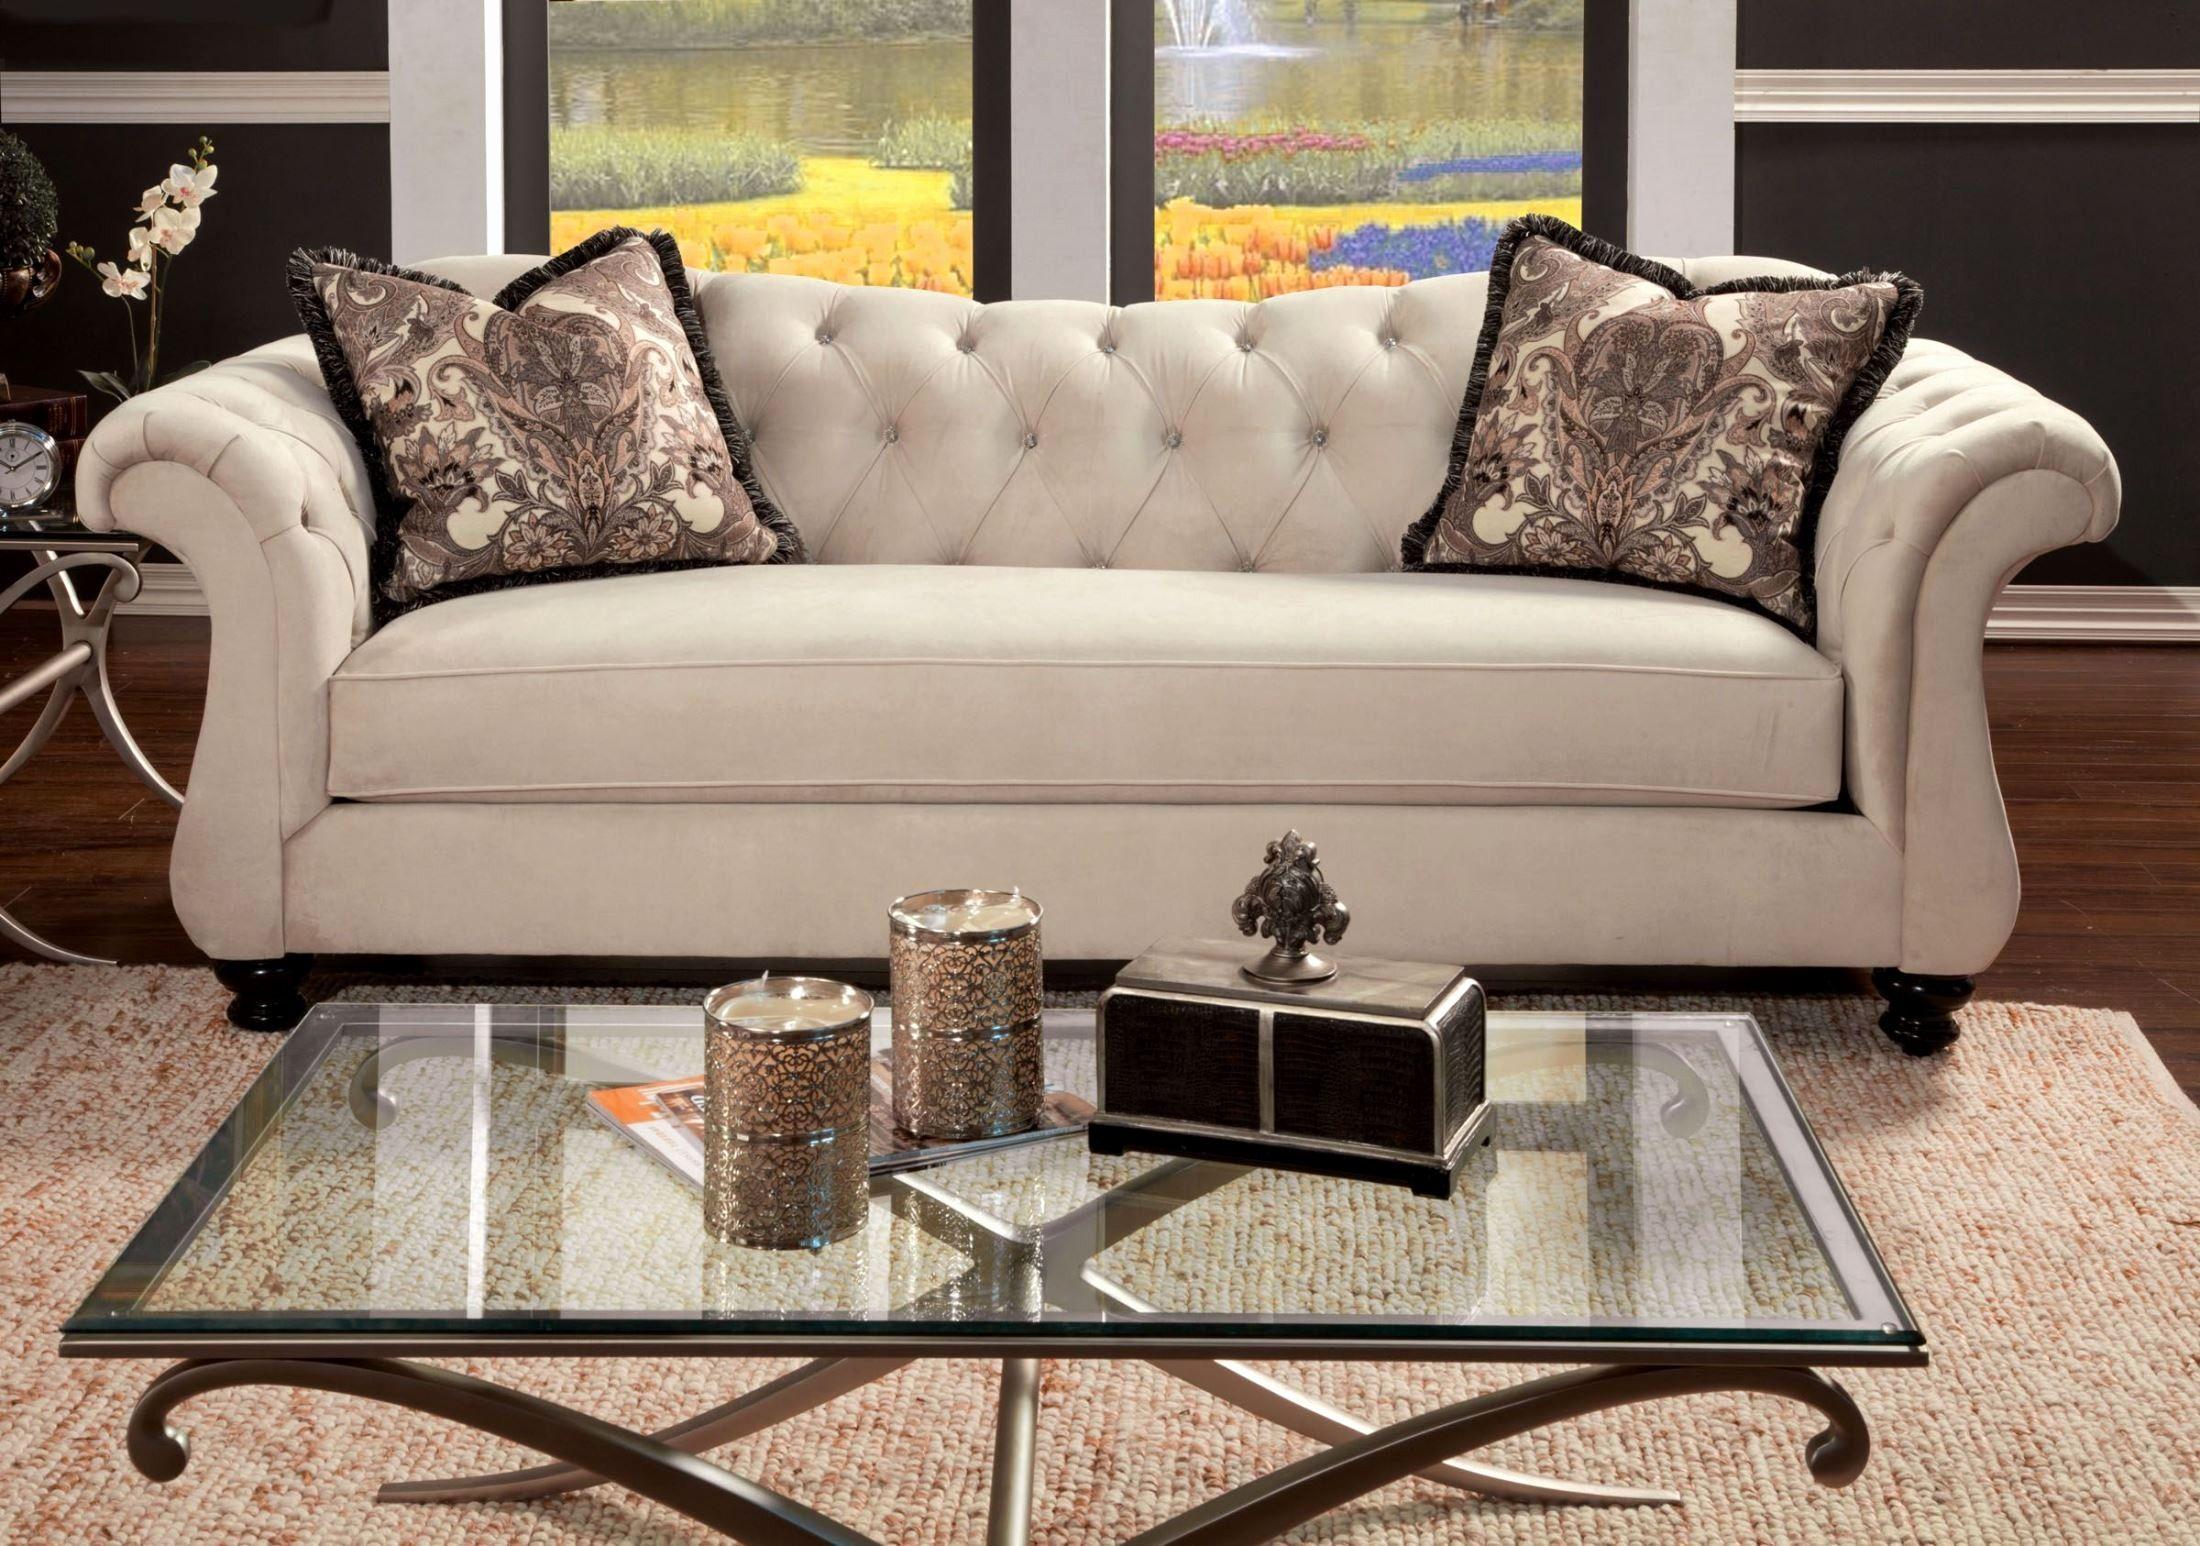 Luxury Fabric Sofa Sets Pics Fabric Sofa Sets Best Of Antoinette Beige Premium Fabric Sofa From Furniture Of America Furniture Of America Sofa Set Premium Sofa